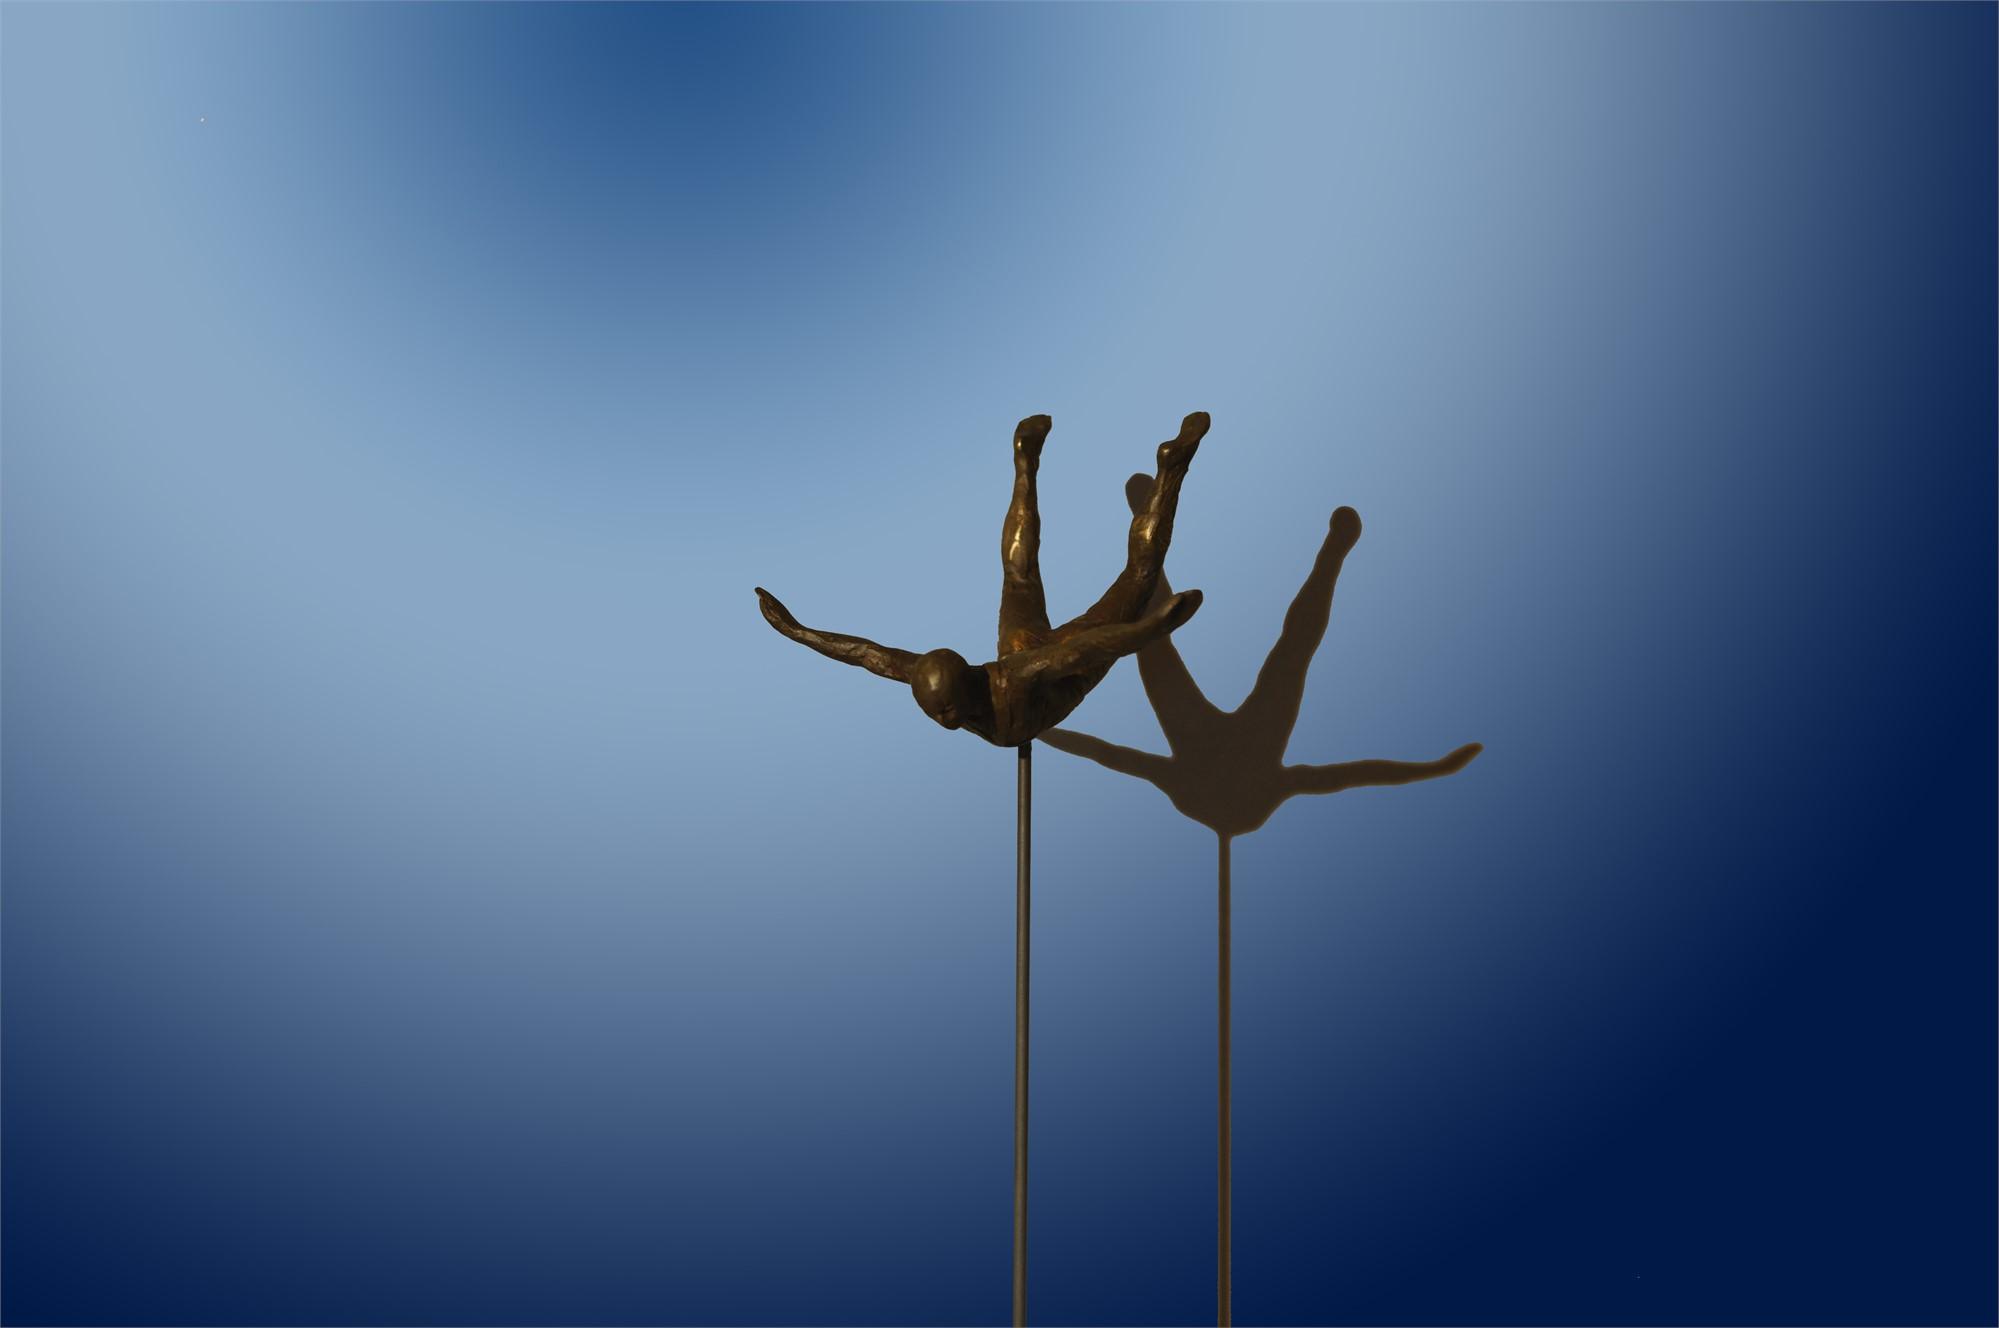 Balance Series: Free Fall by Bill Starke